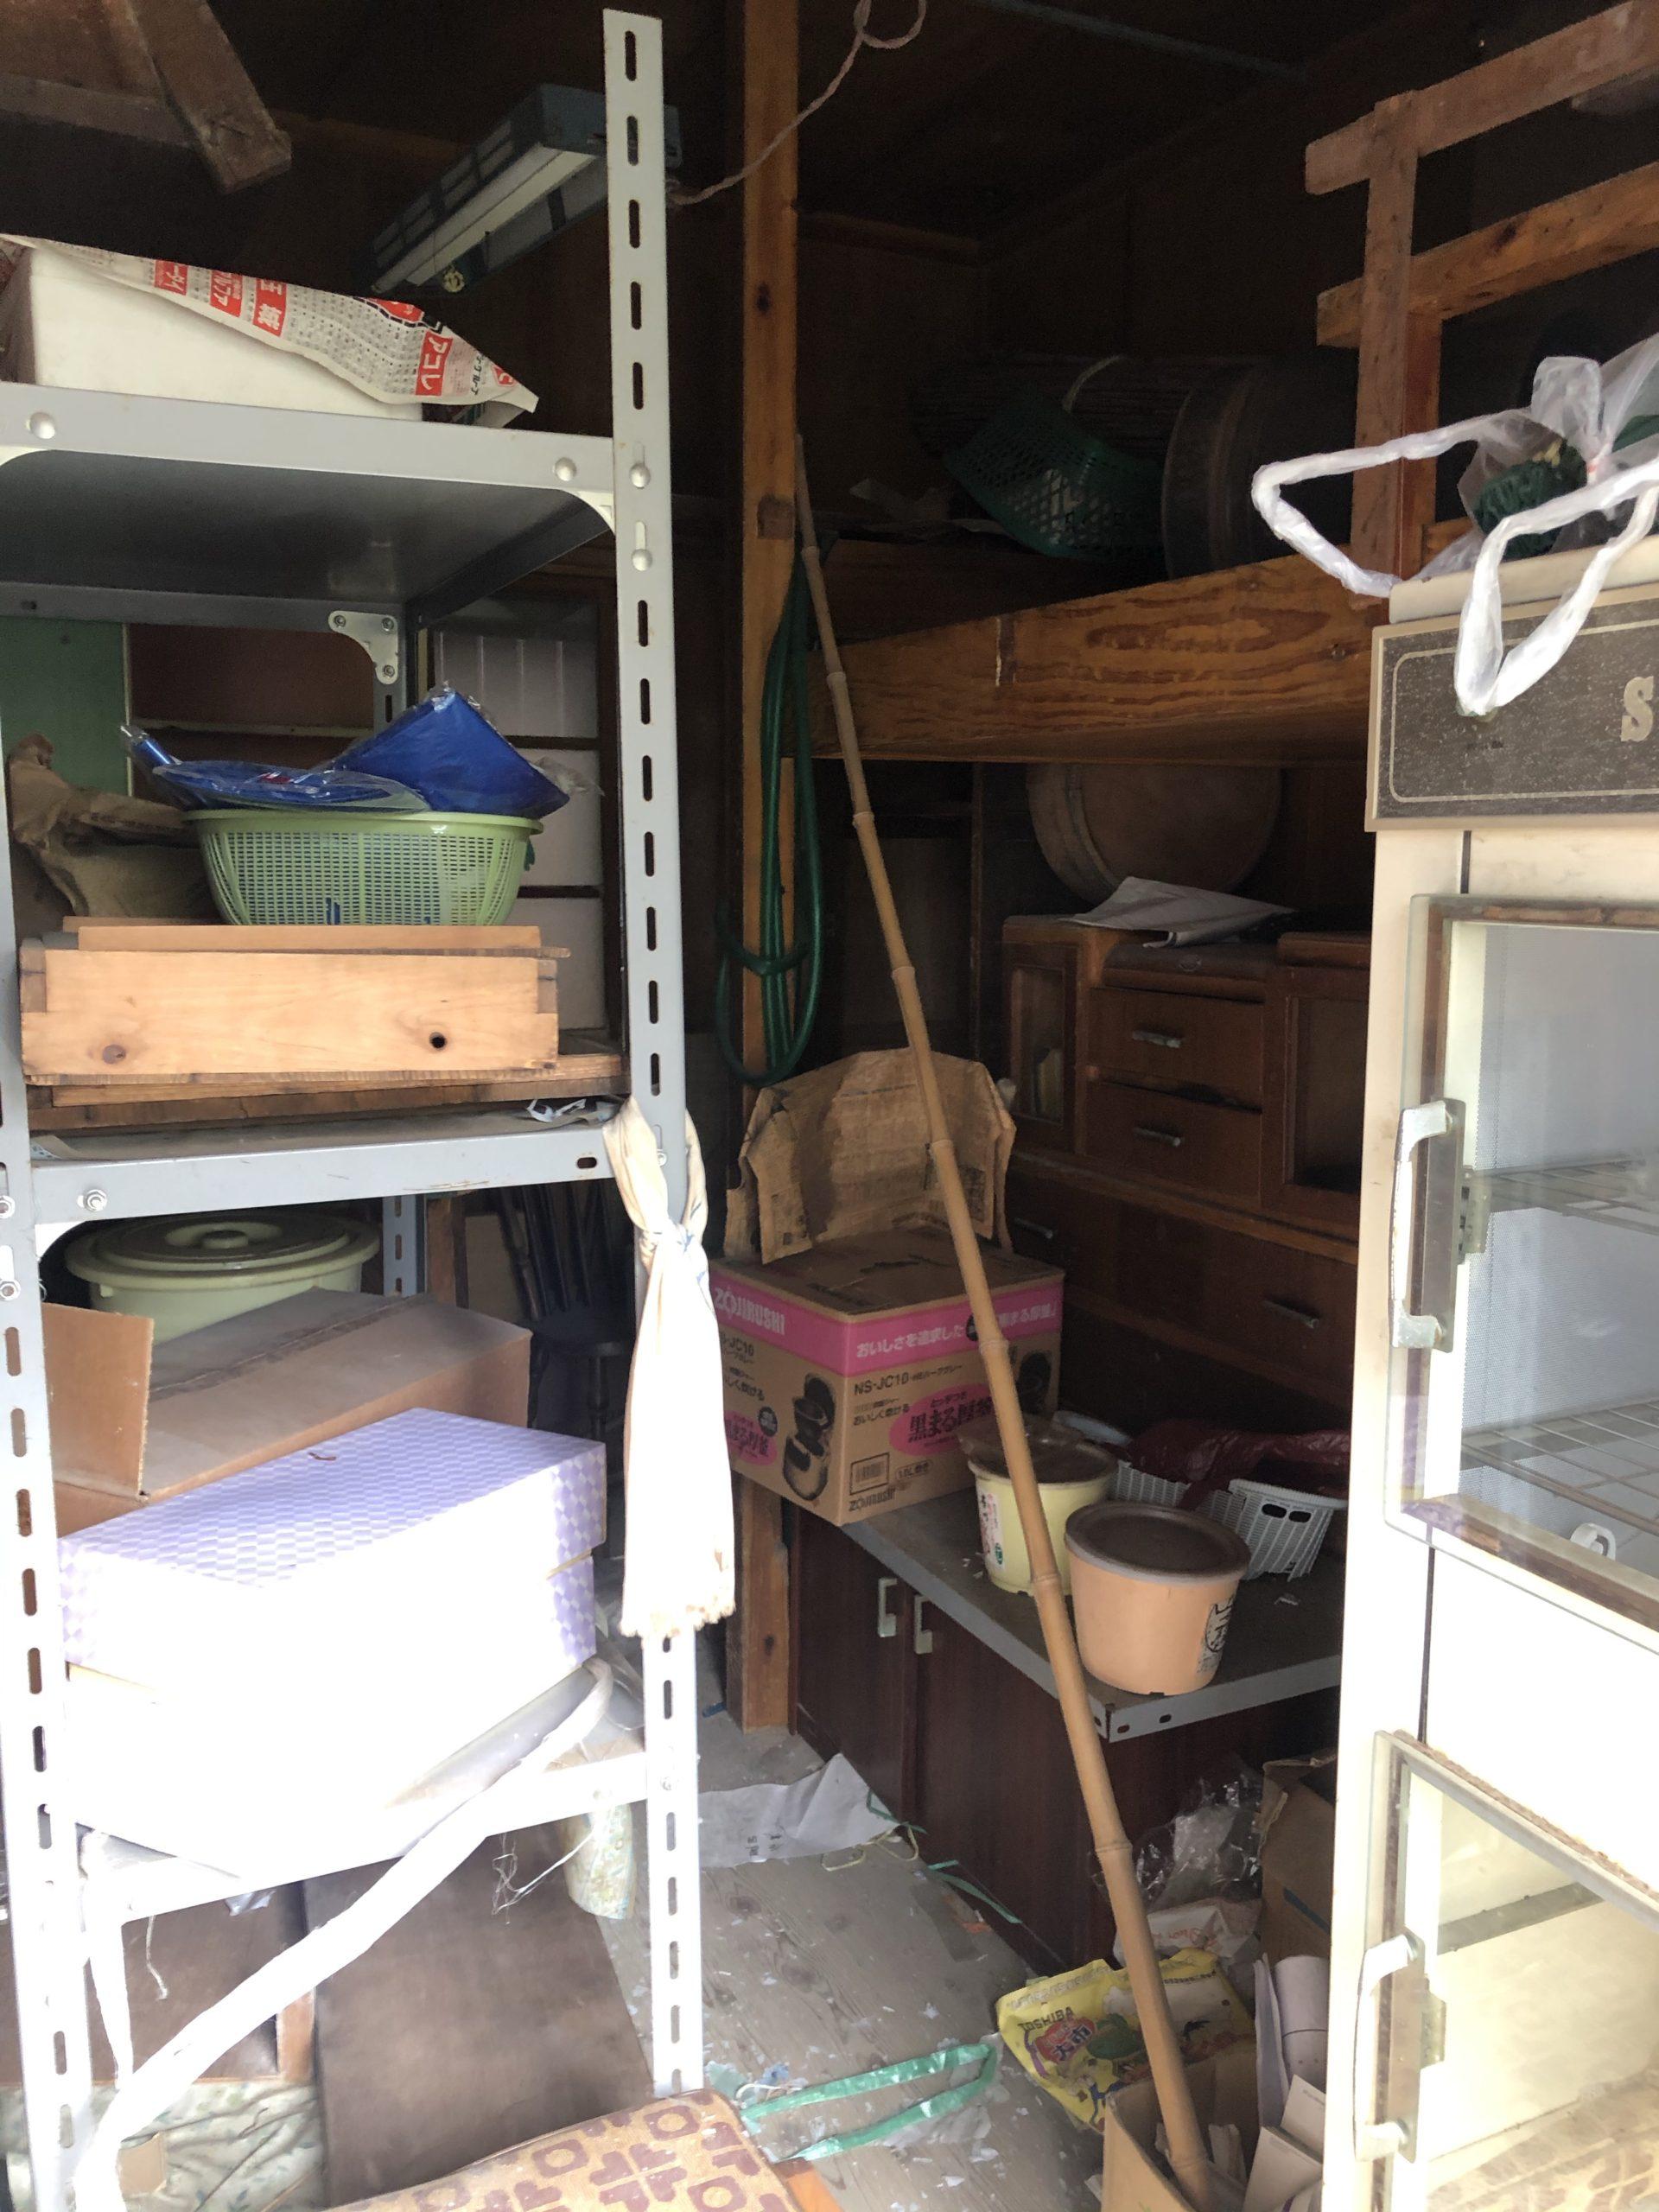 三重県津市で不用品回収や処分のご相談や家屋解体工事の見積り業者なら株式会社kousui